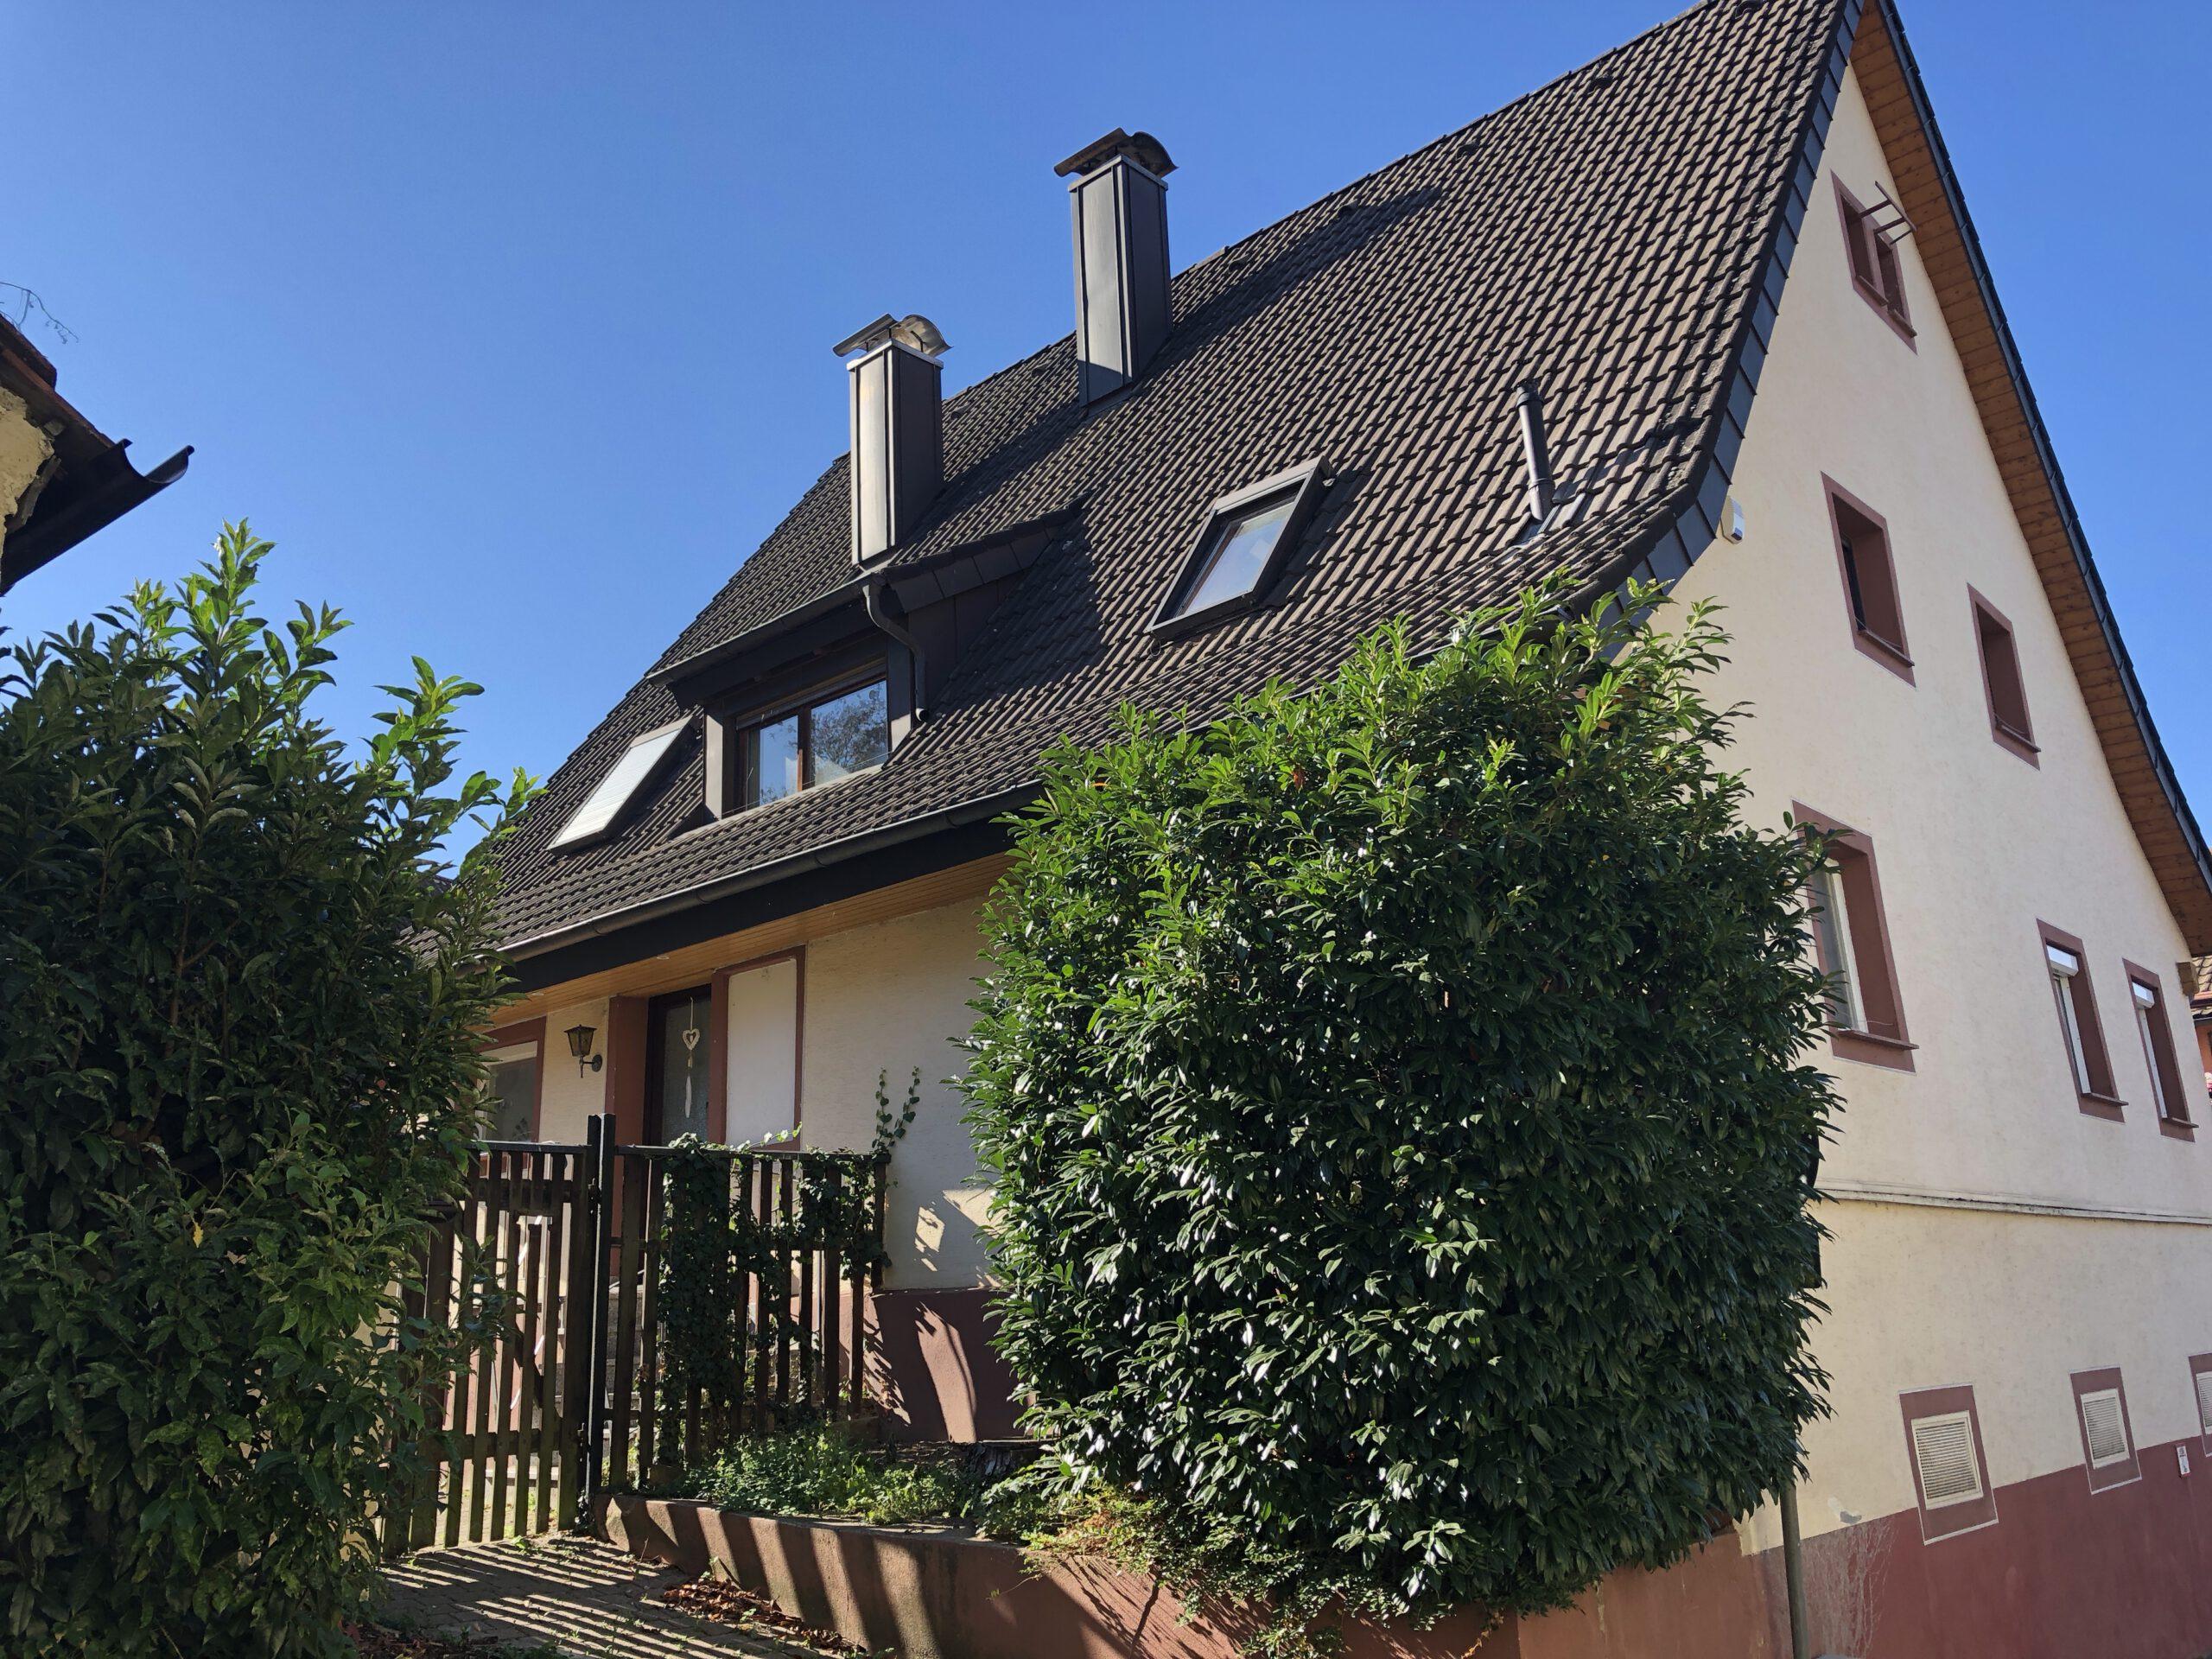 Historischer Winzerhof mit Ausbaupotential in Ebringen